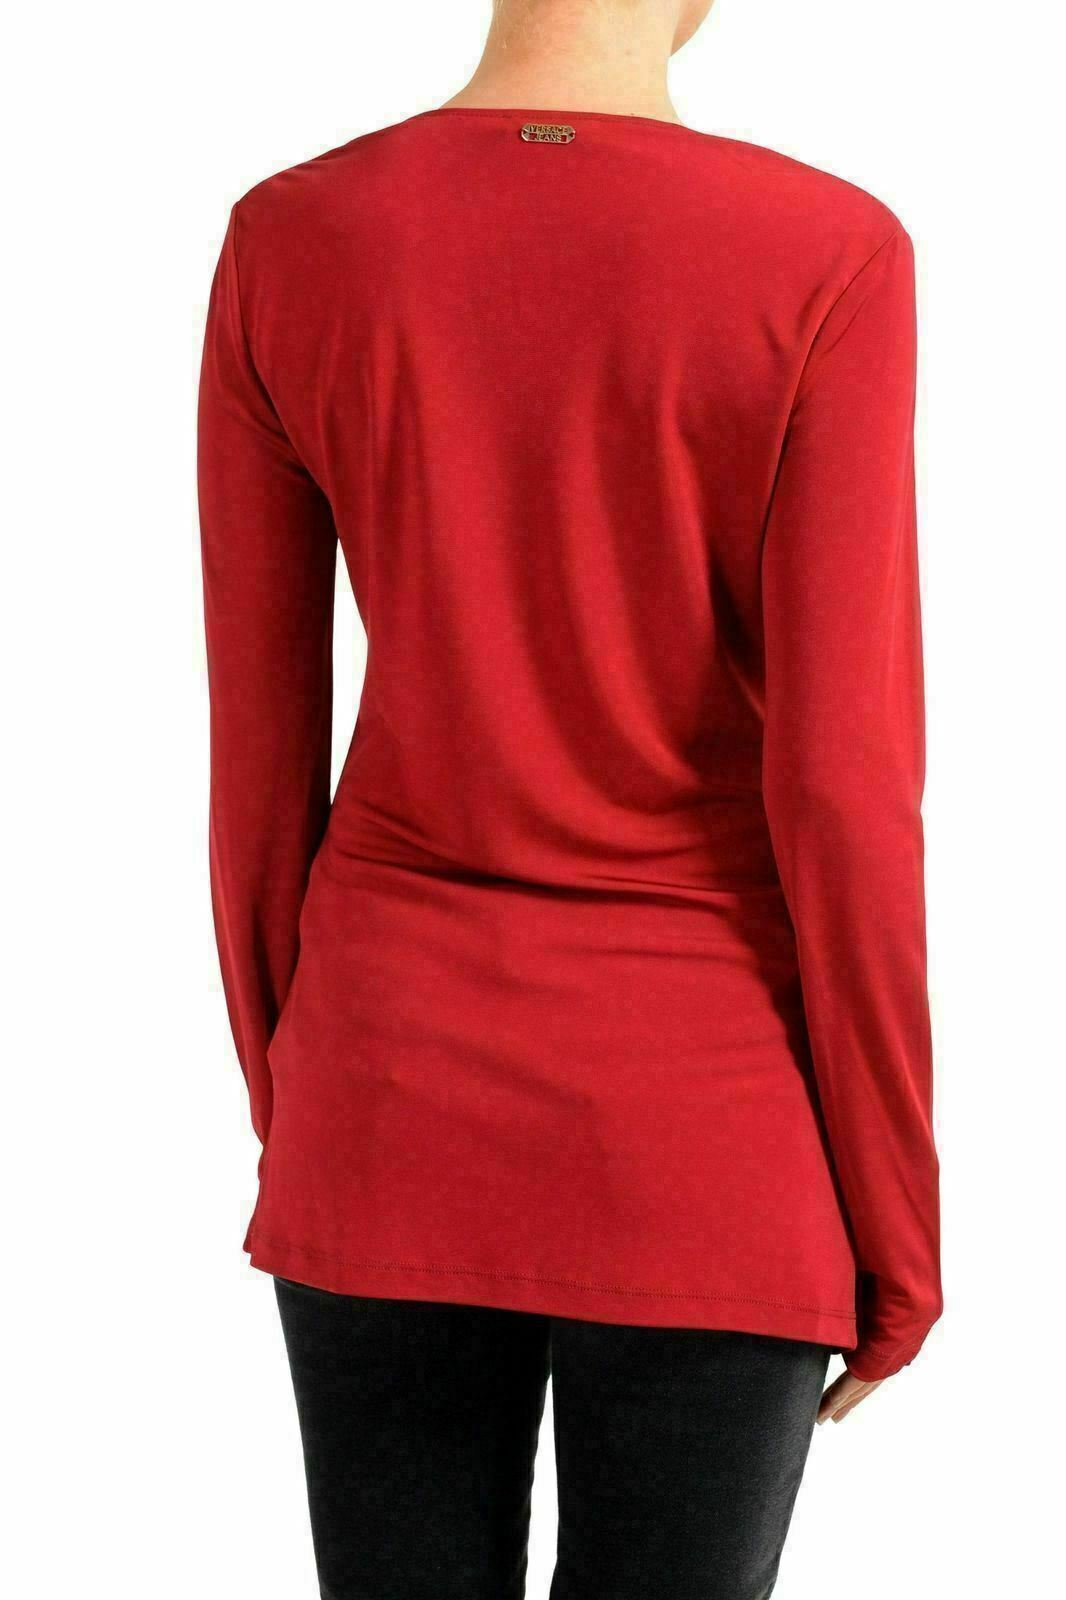 Versace Jeans da Donna Rosso Manica Lunga collo a Lupetto Lupetto Lupetto Maglia USA XL It 46 118bfc